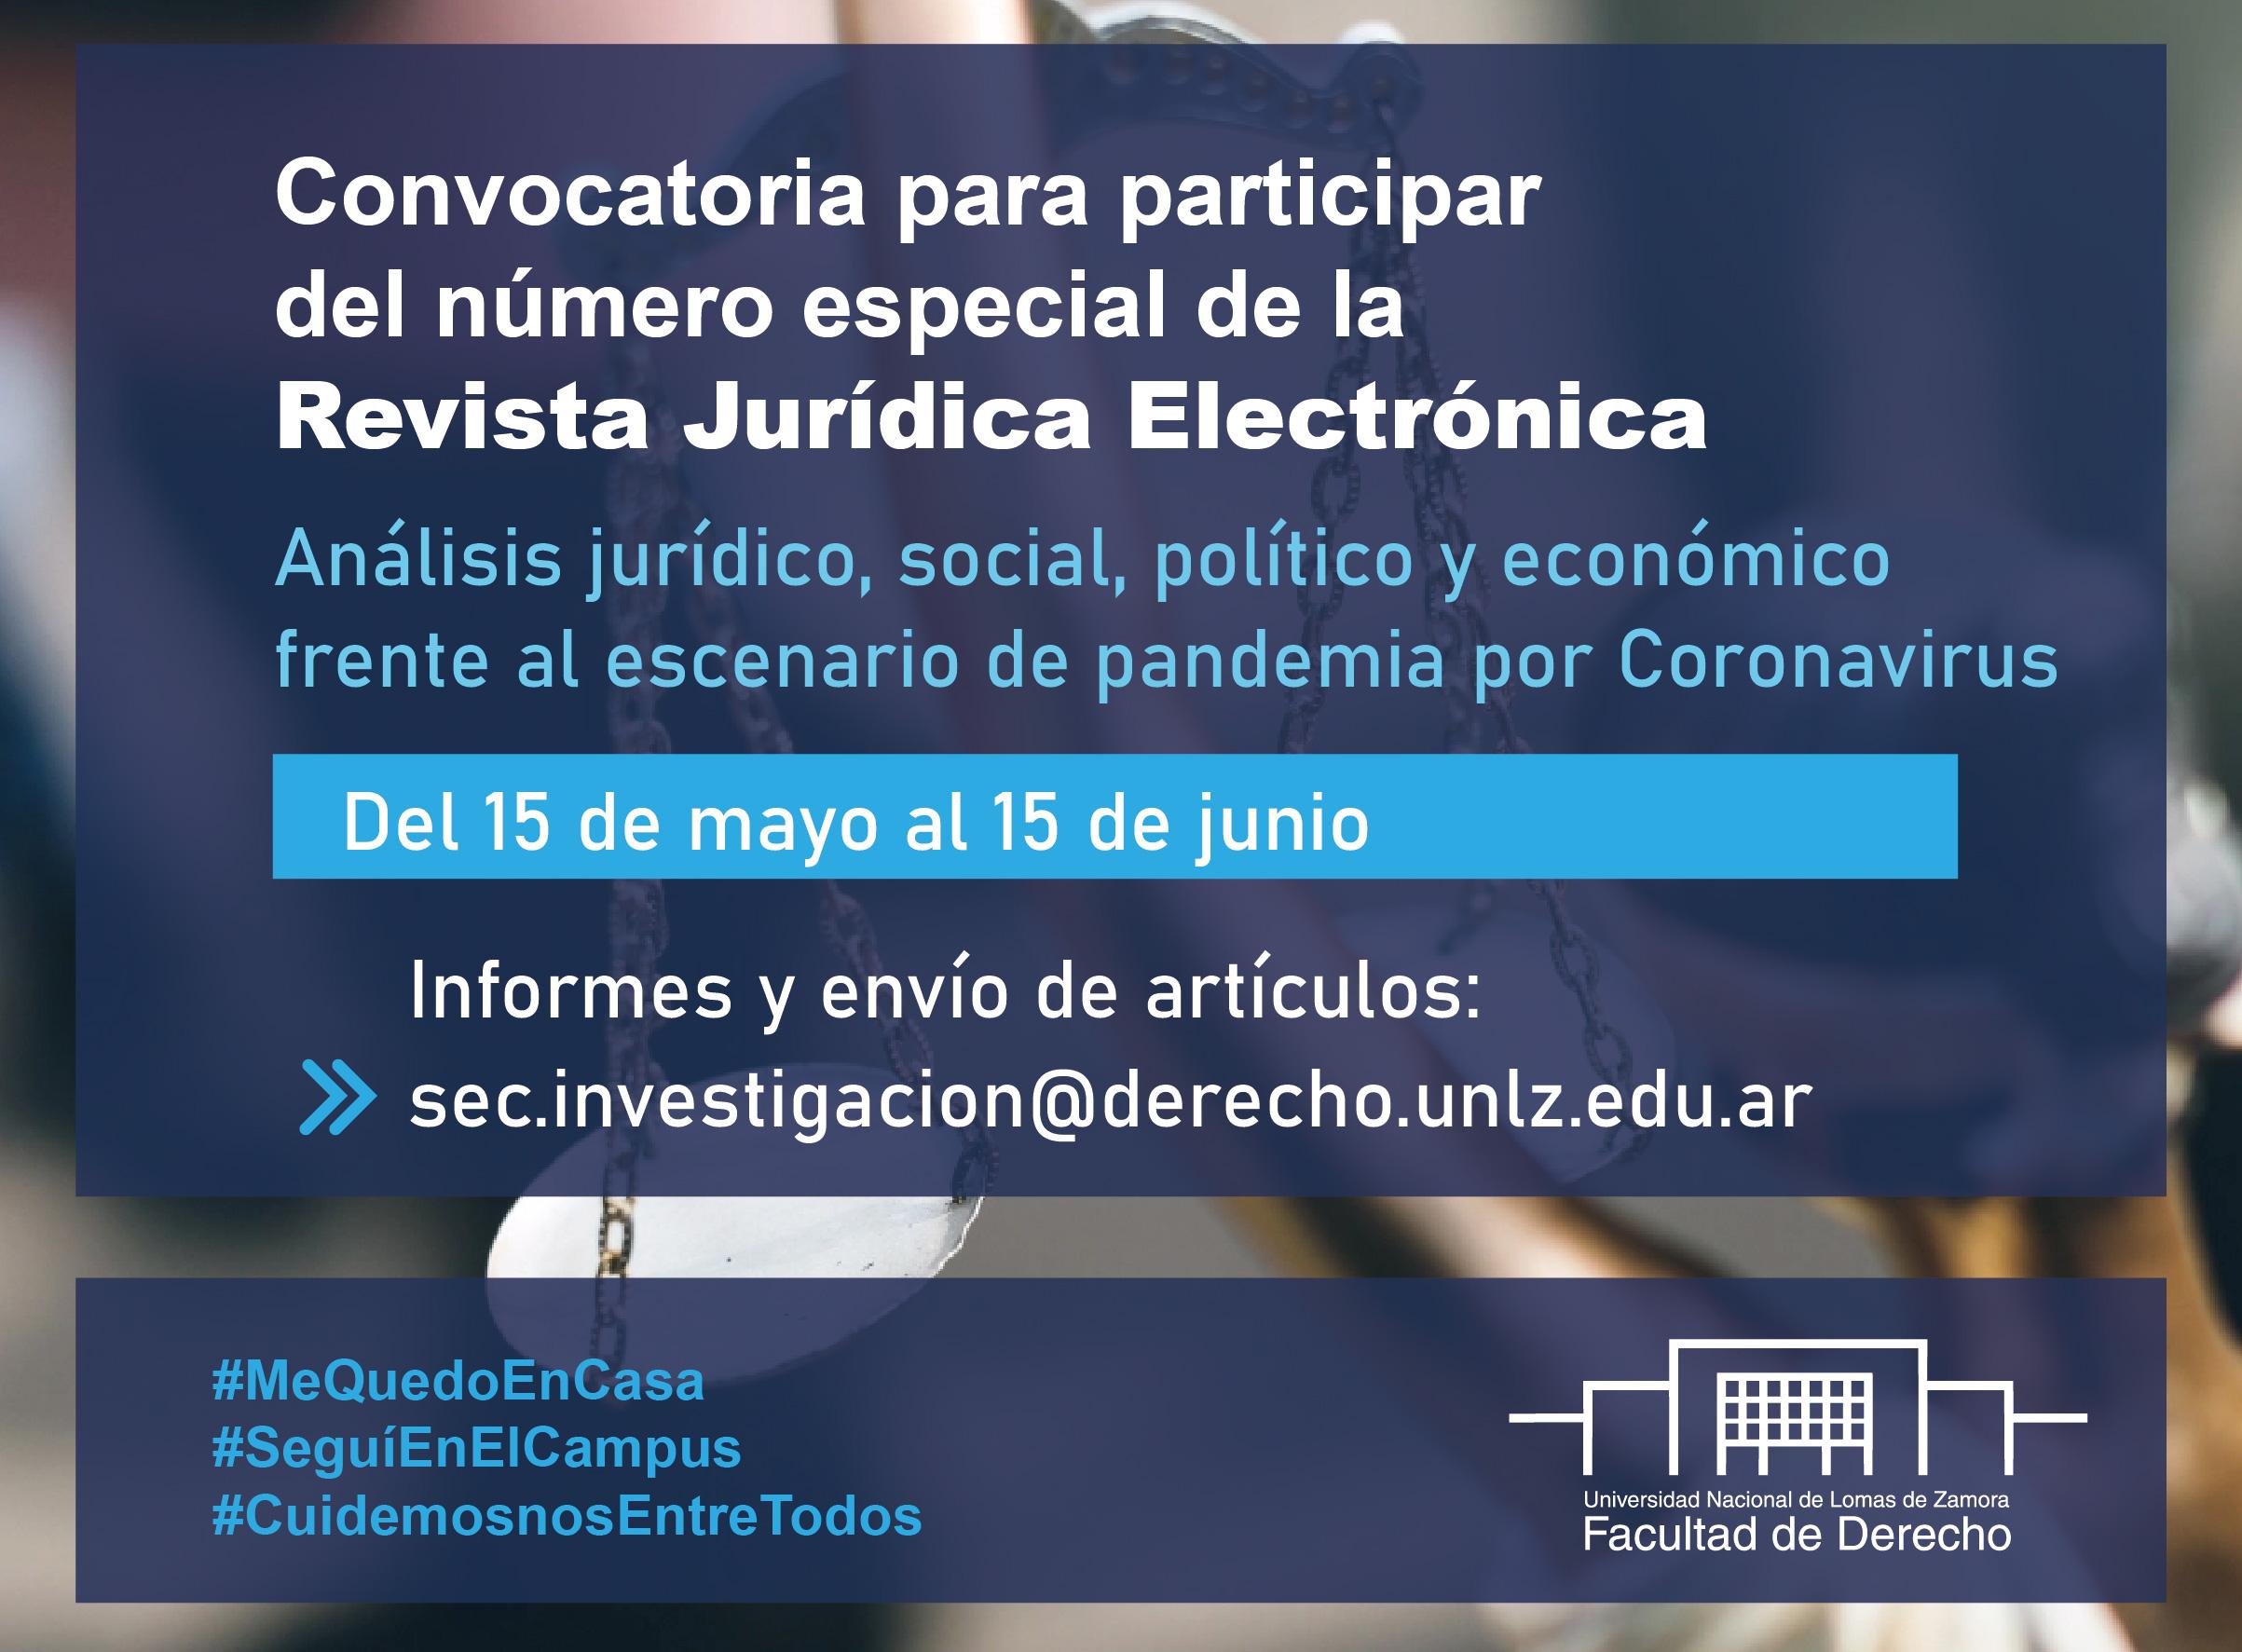 Convocatoria para participar del número especial de la Revista Jurídica Electrónica